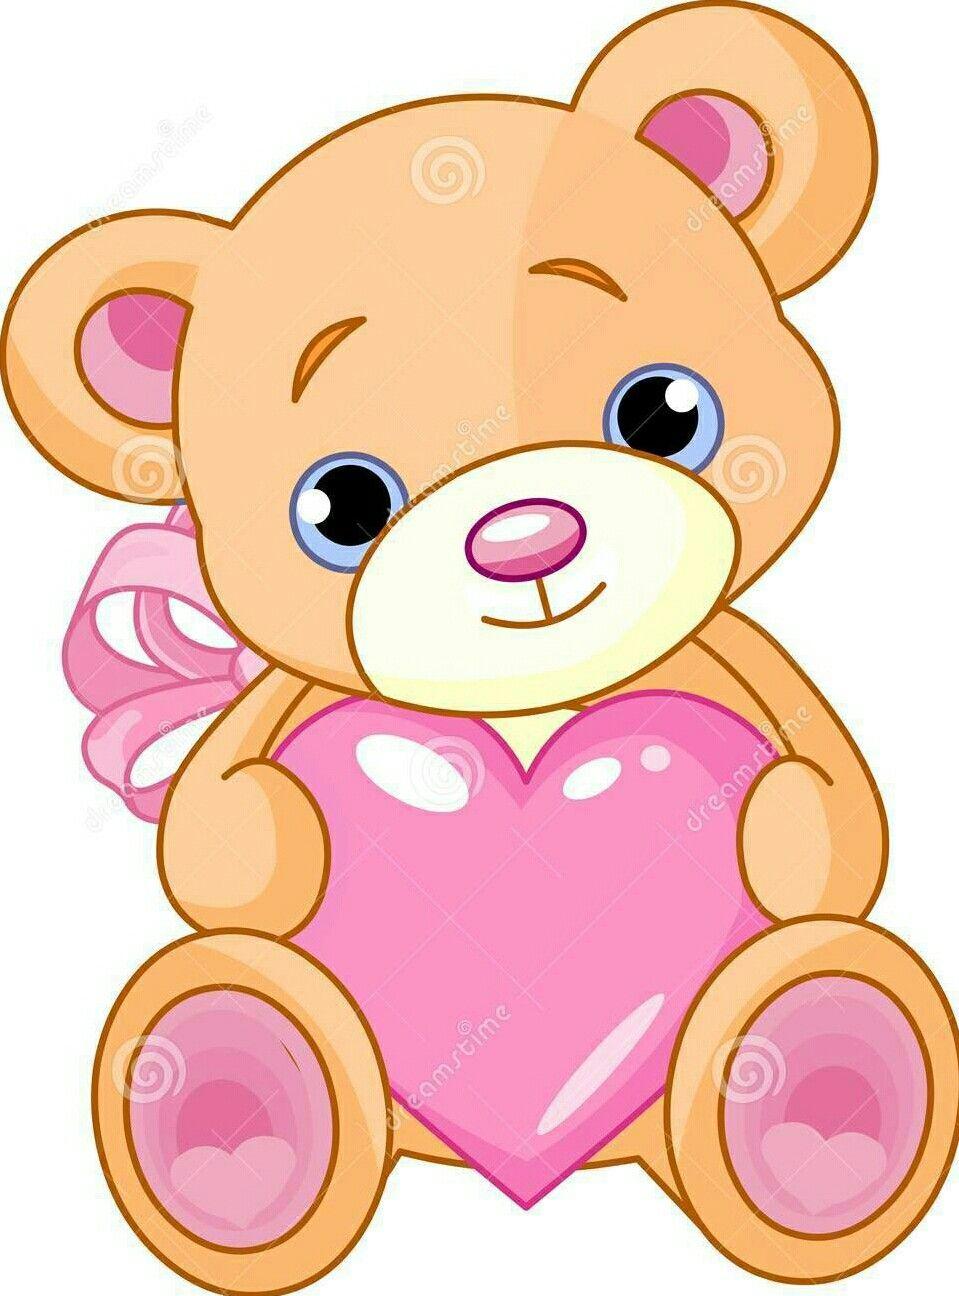 Pin By Tara Tamil On Cuore Heart Teddy Bear Drawing Bear Drawing Teddy Bear Drawing Easy